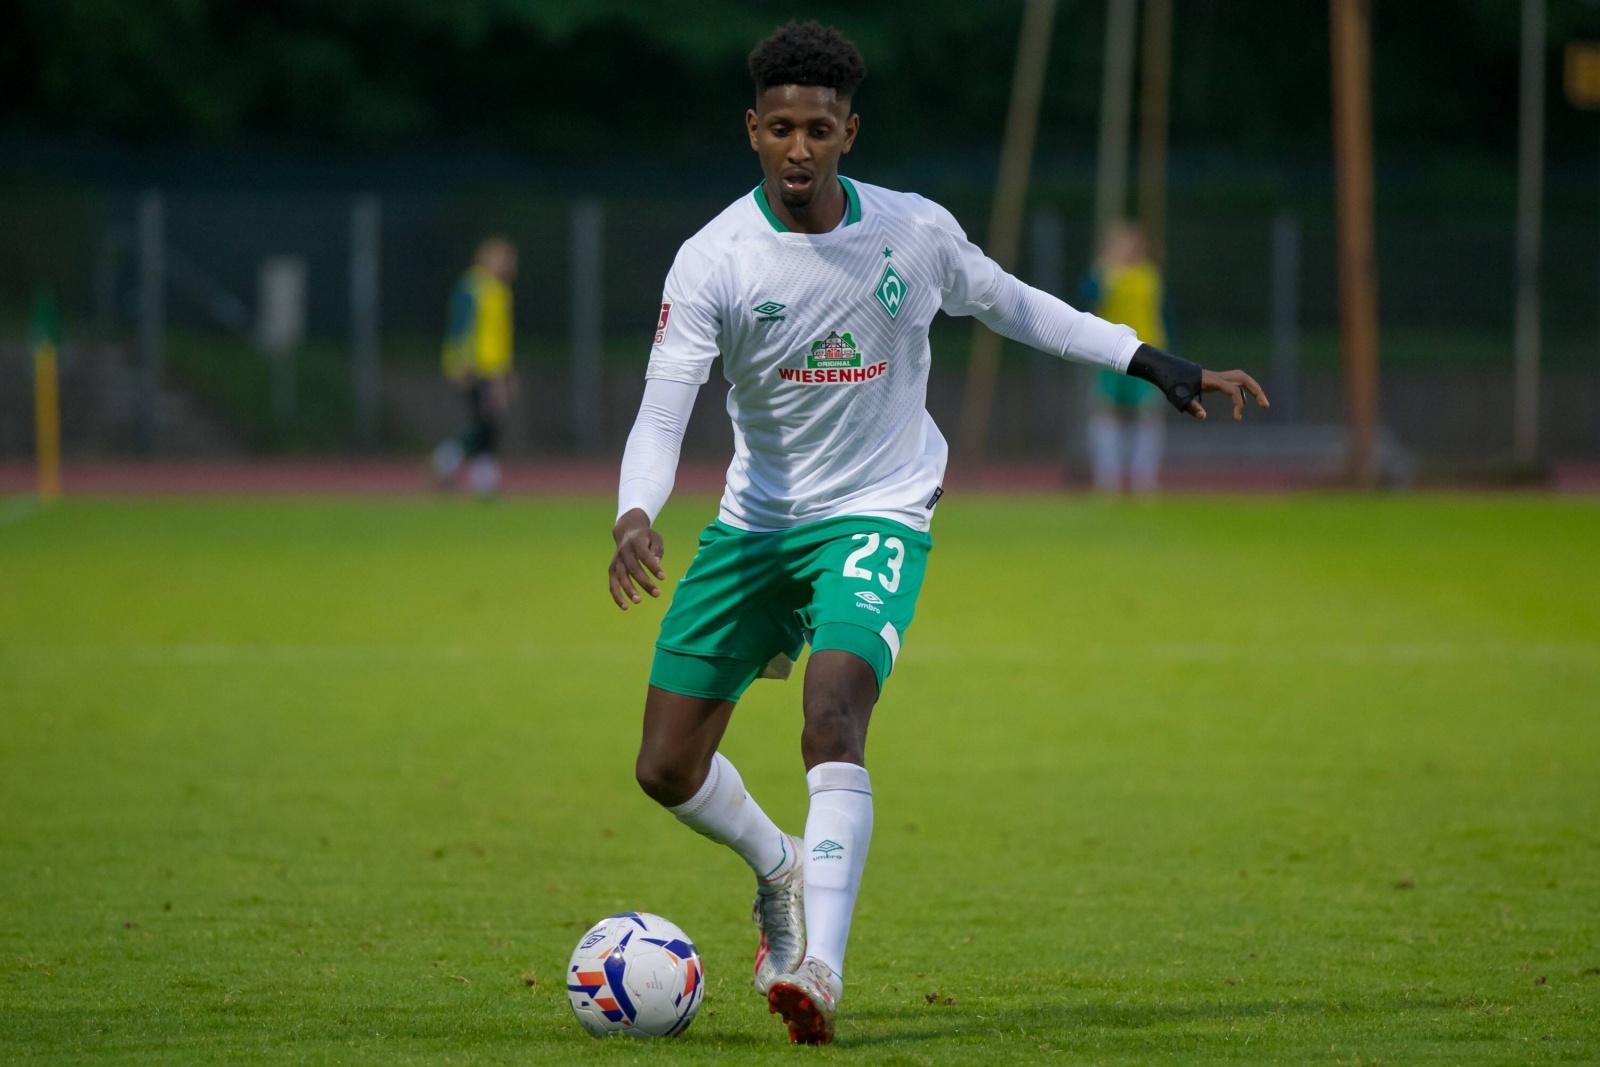 Boubacar Barry am Ball für Werder Bremen II